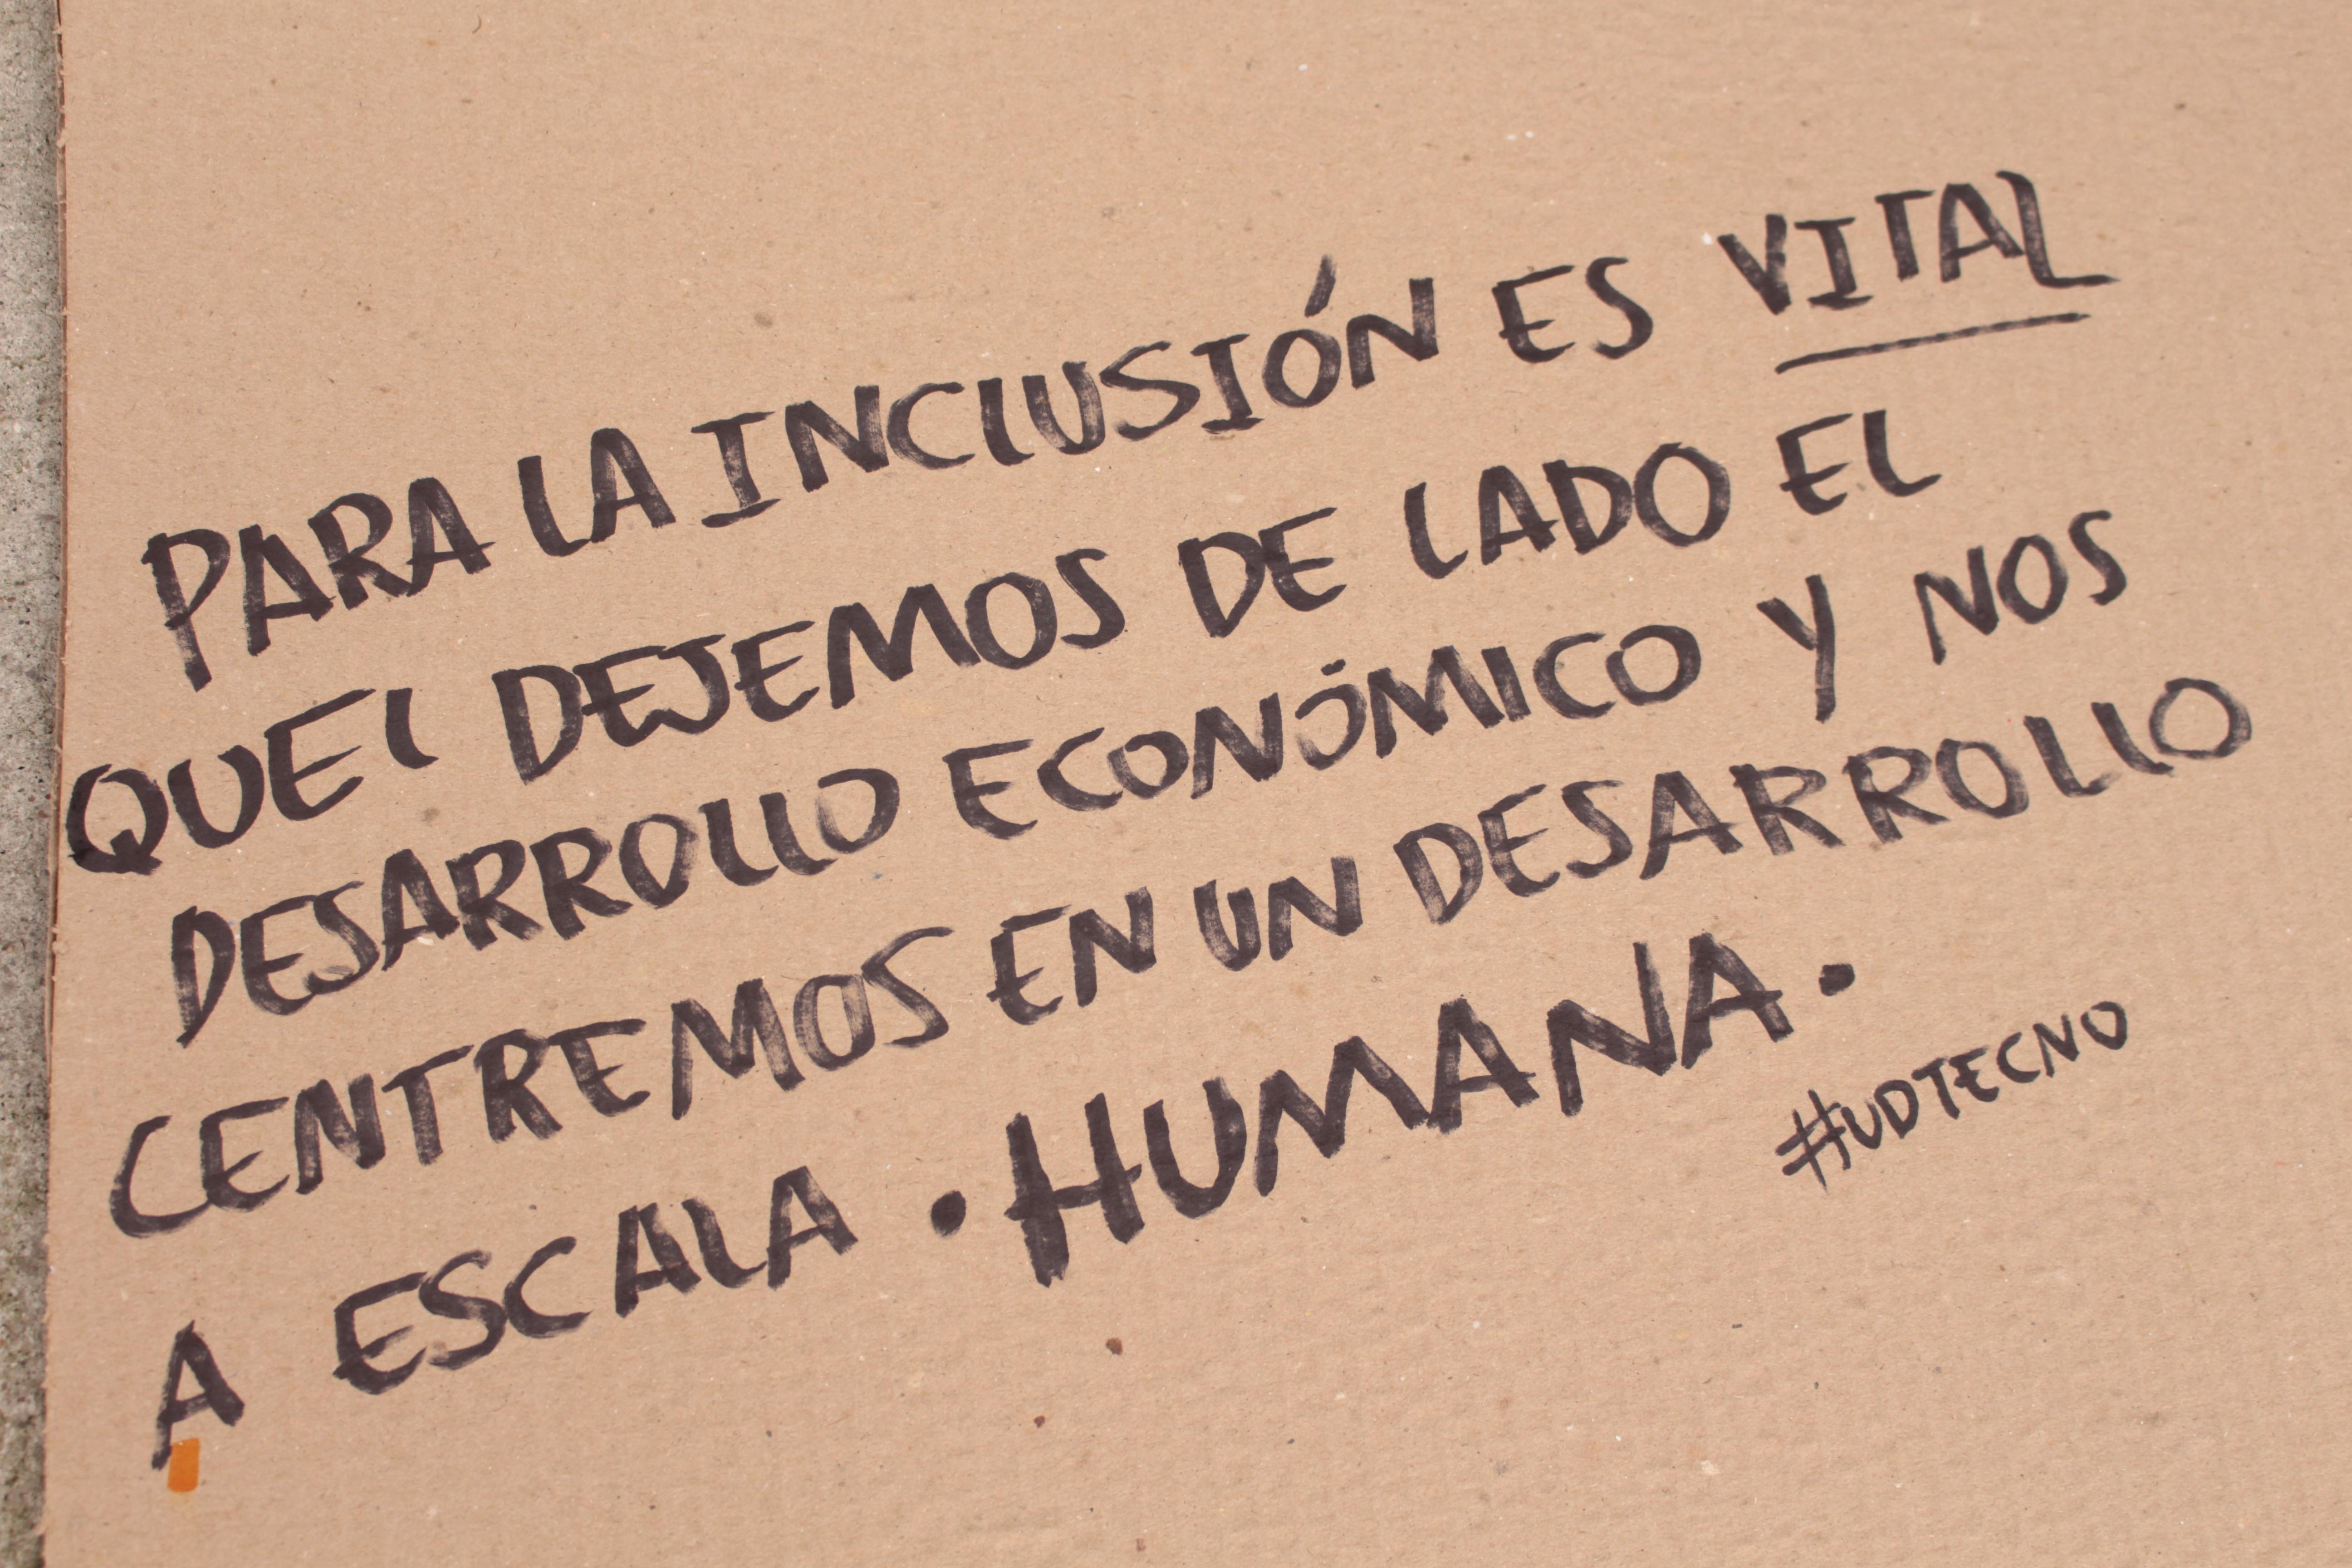 Para la inclusión es vital que dejemos de lado el desarrollo económico y nos centremos en un desarrollo a escala humana